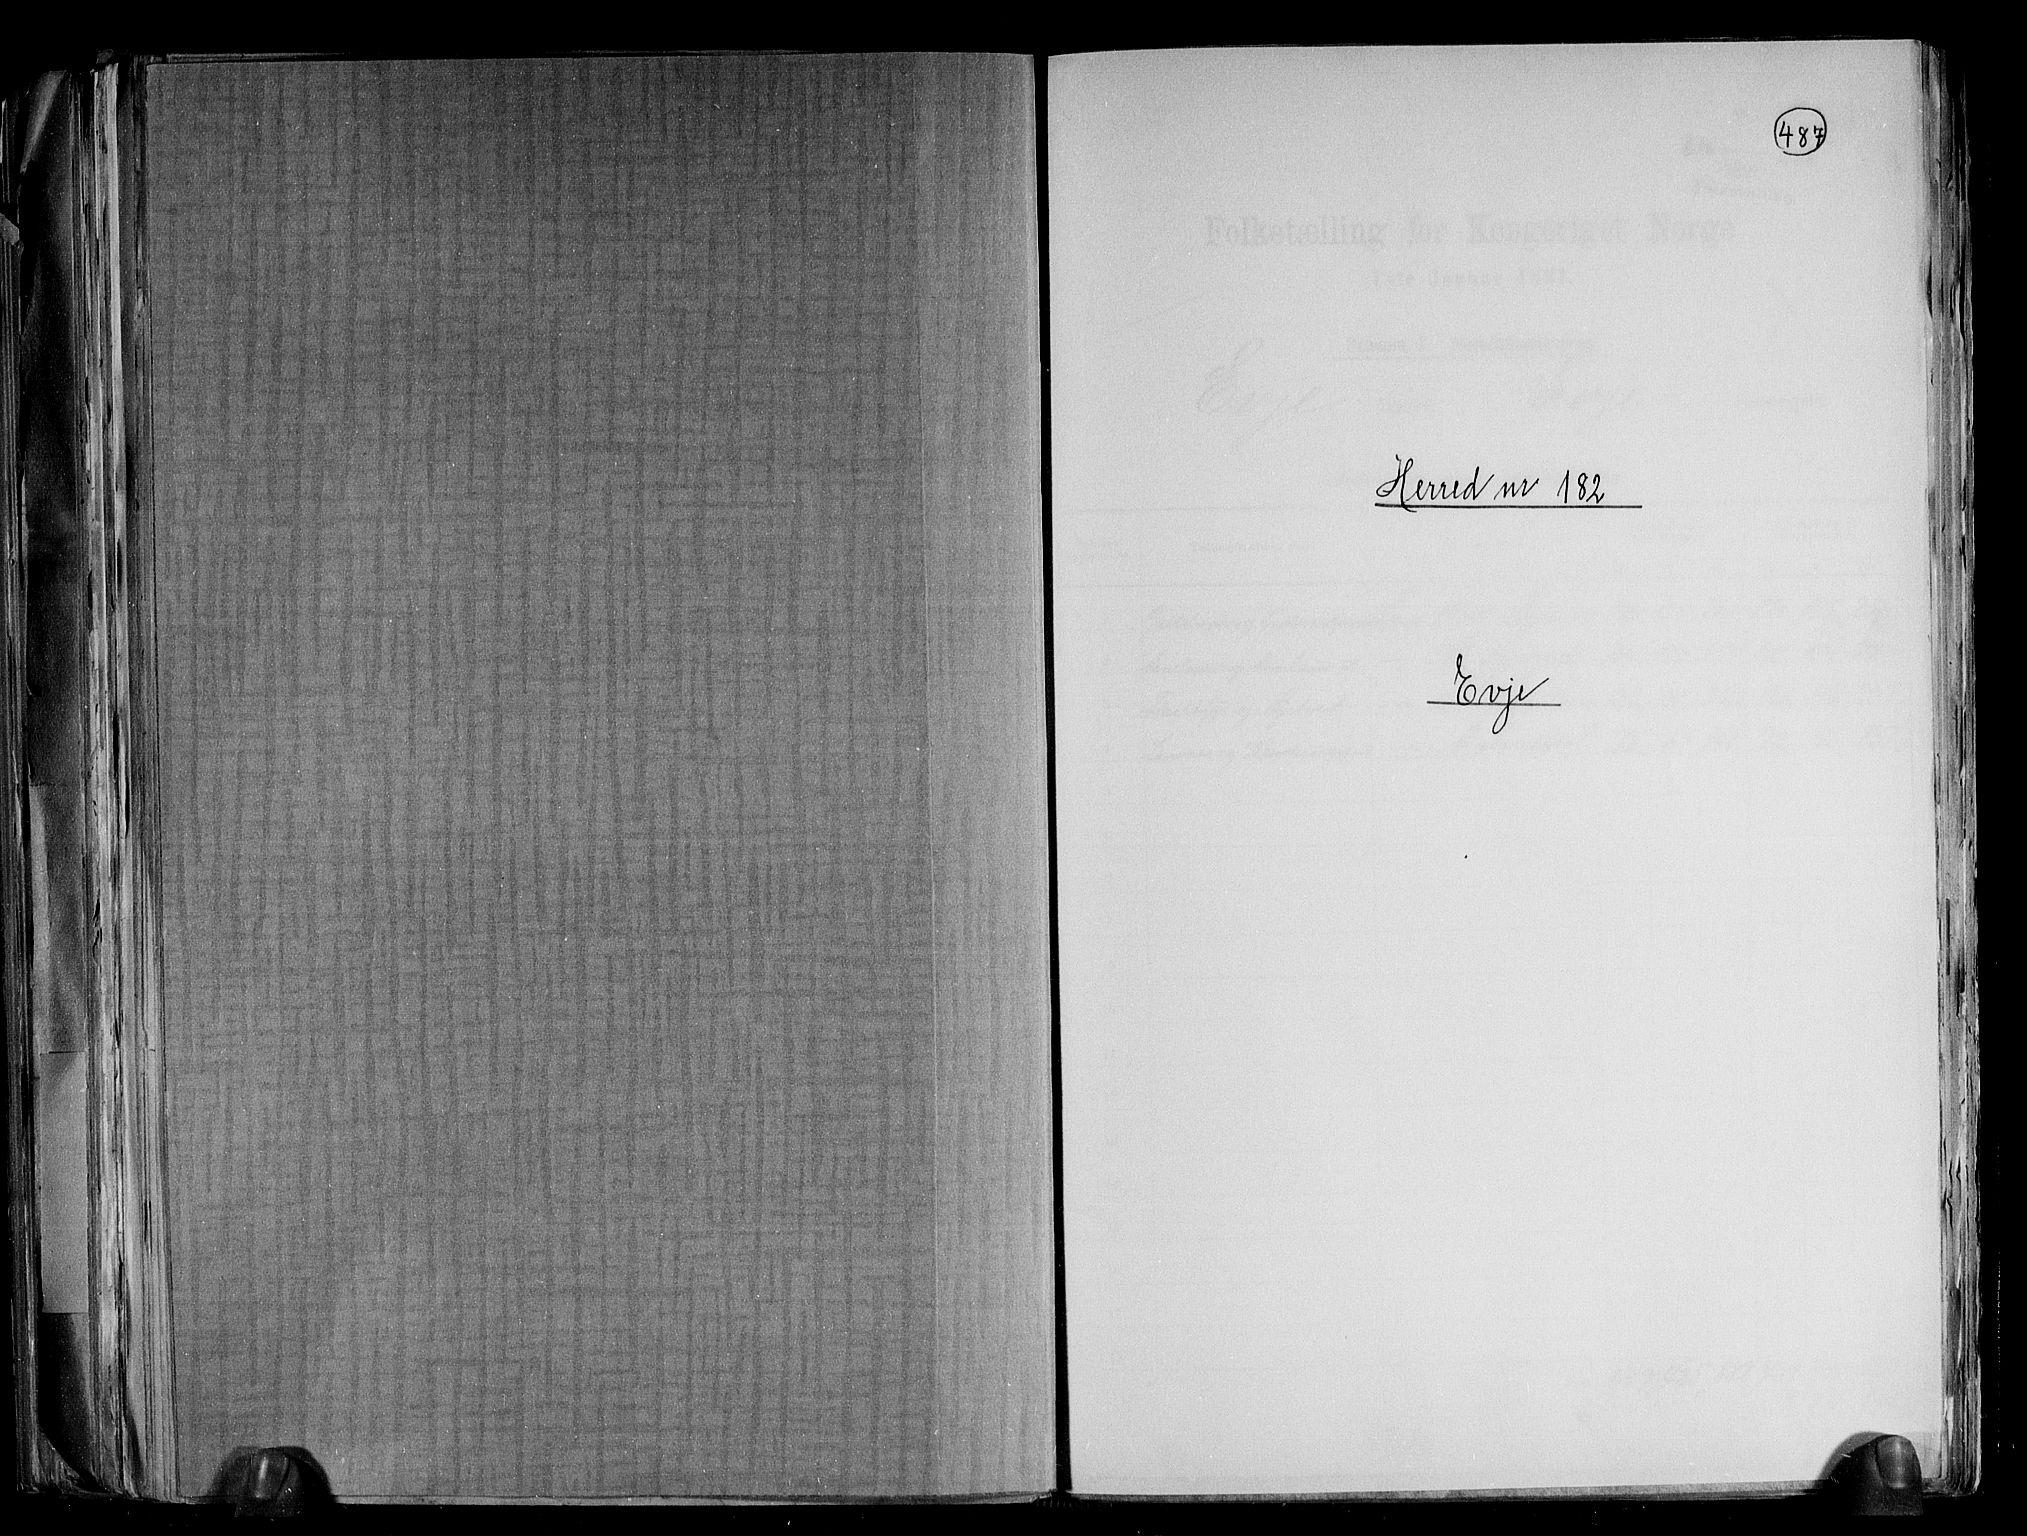 RA, Folketelling 1891 for 0937 Evje herred, 1891, s. 1